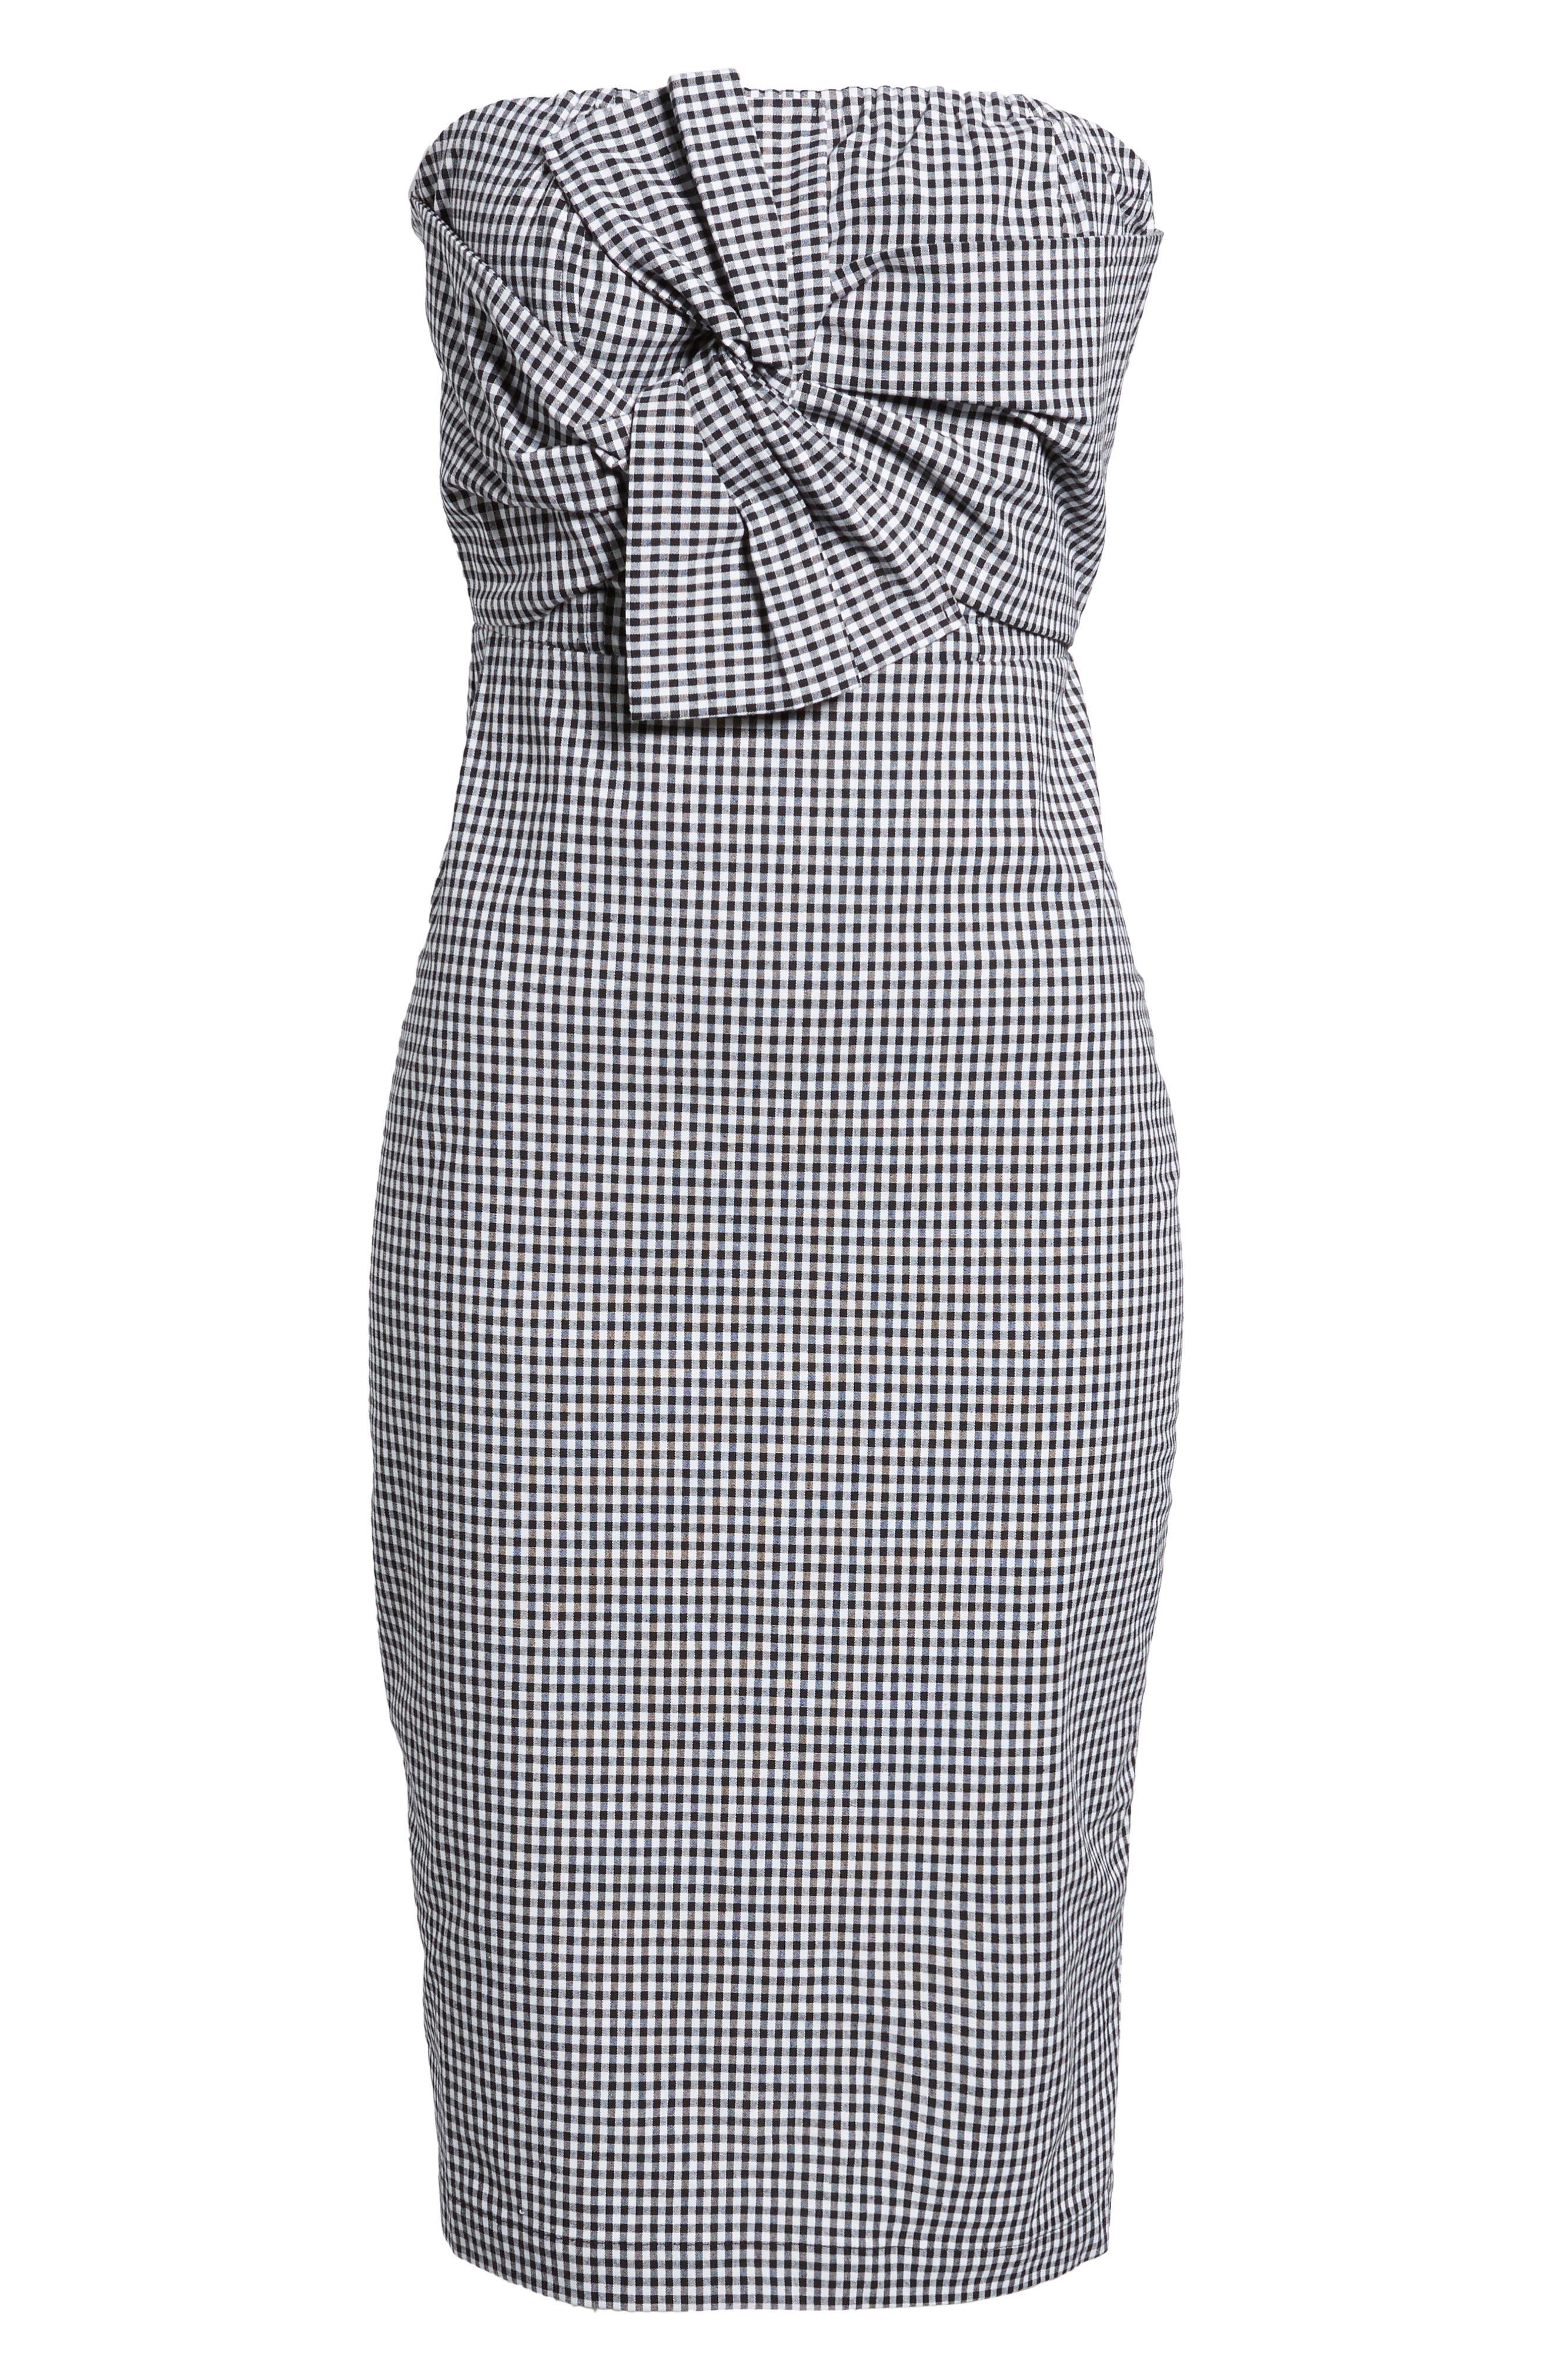 Strapless Gingham Dress,                             Alternate thumbnail 11, color,